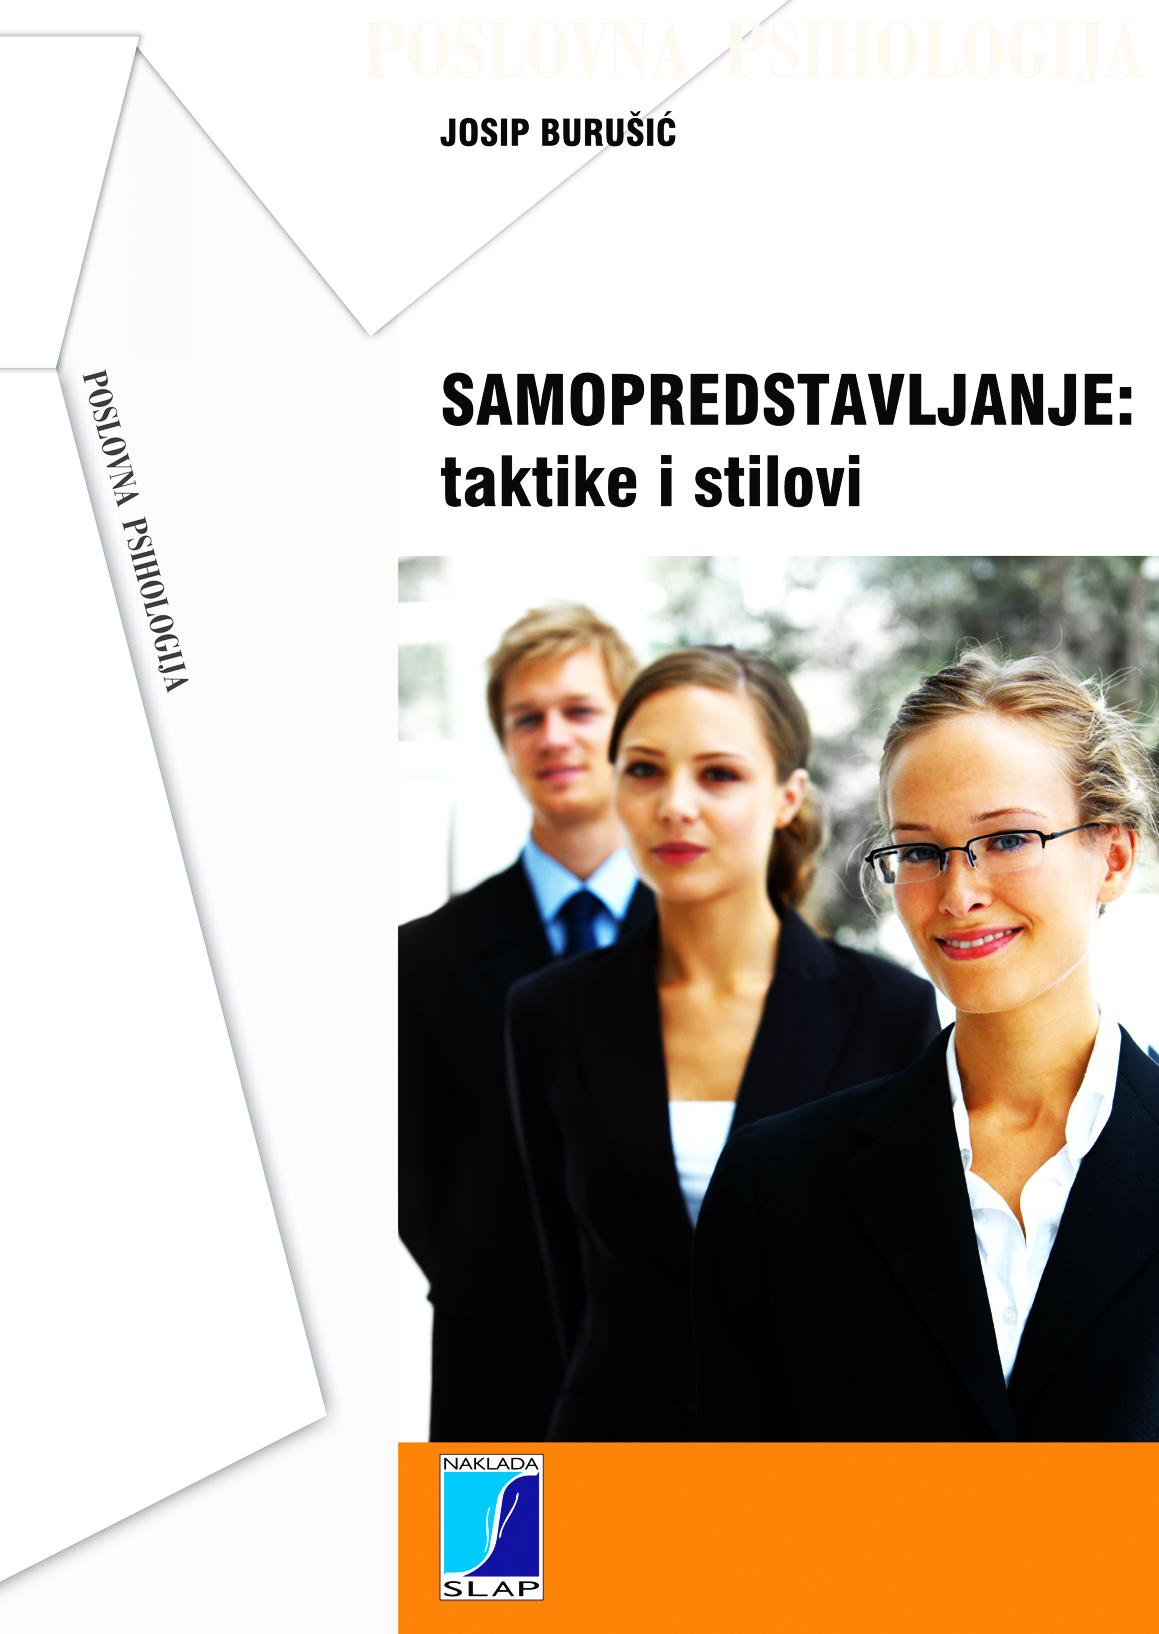 SAMOPREDSTAVLJANJE: taktike i stilovi - Naruči svoju knjigu